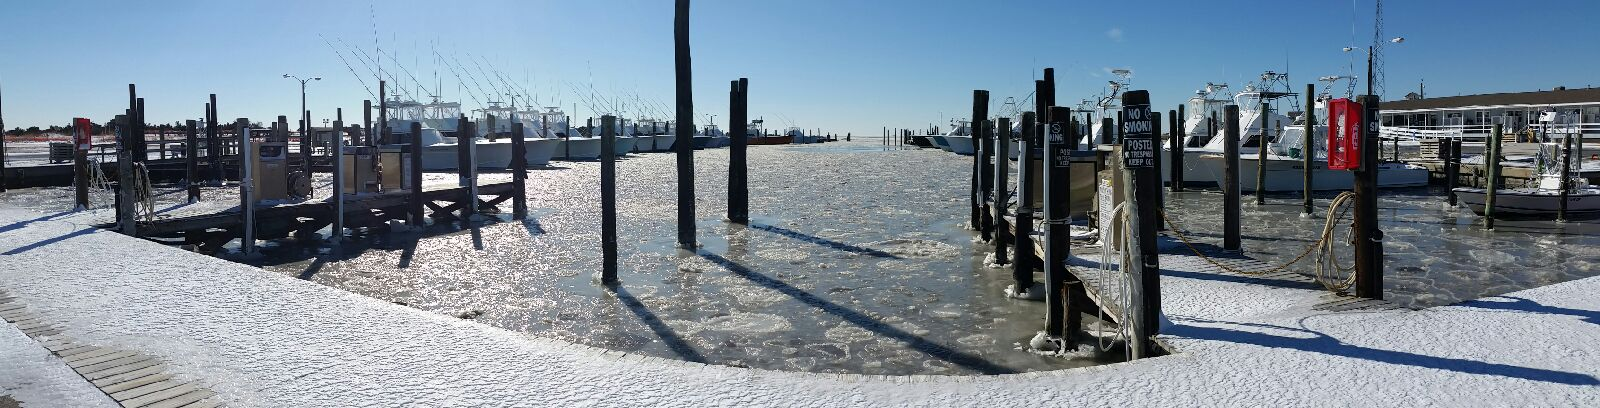 HR Ice Basin - 1.2018.JPG